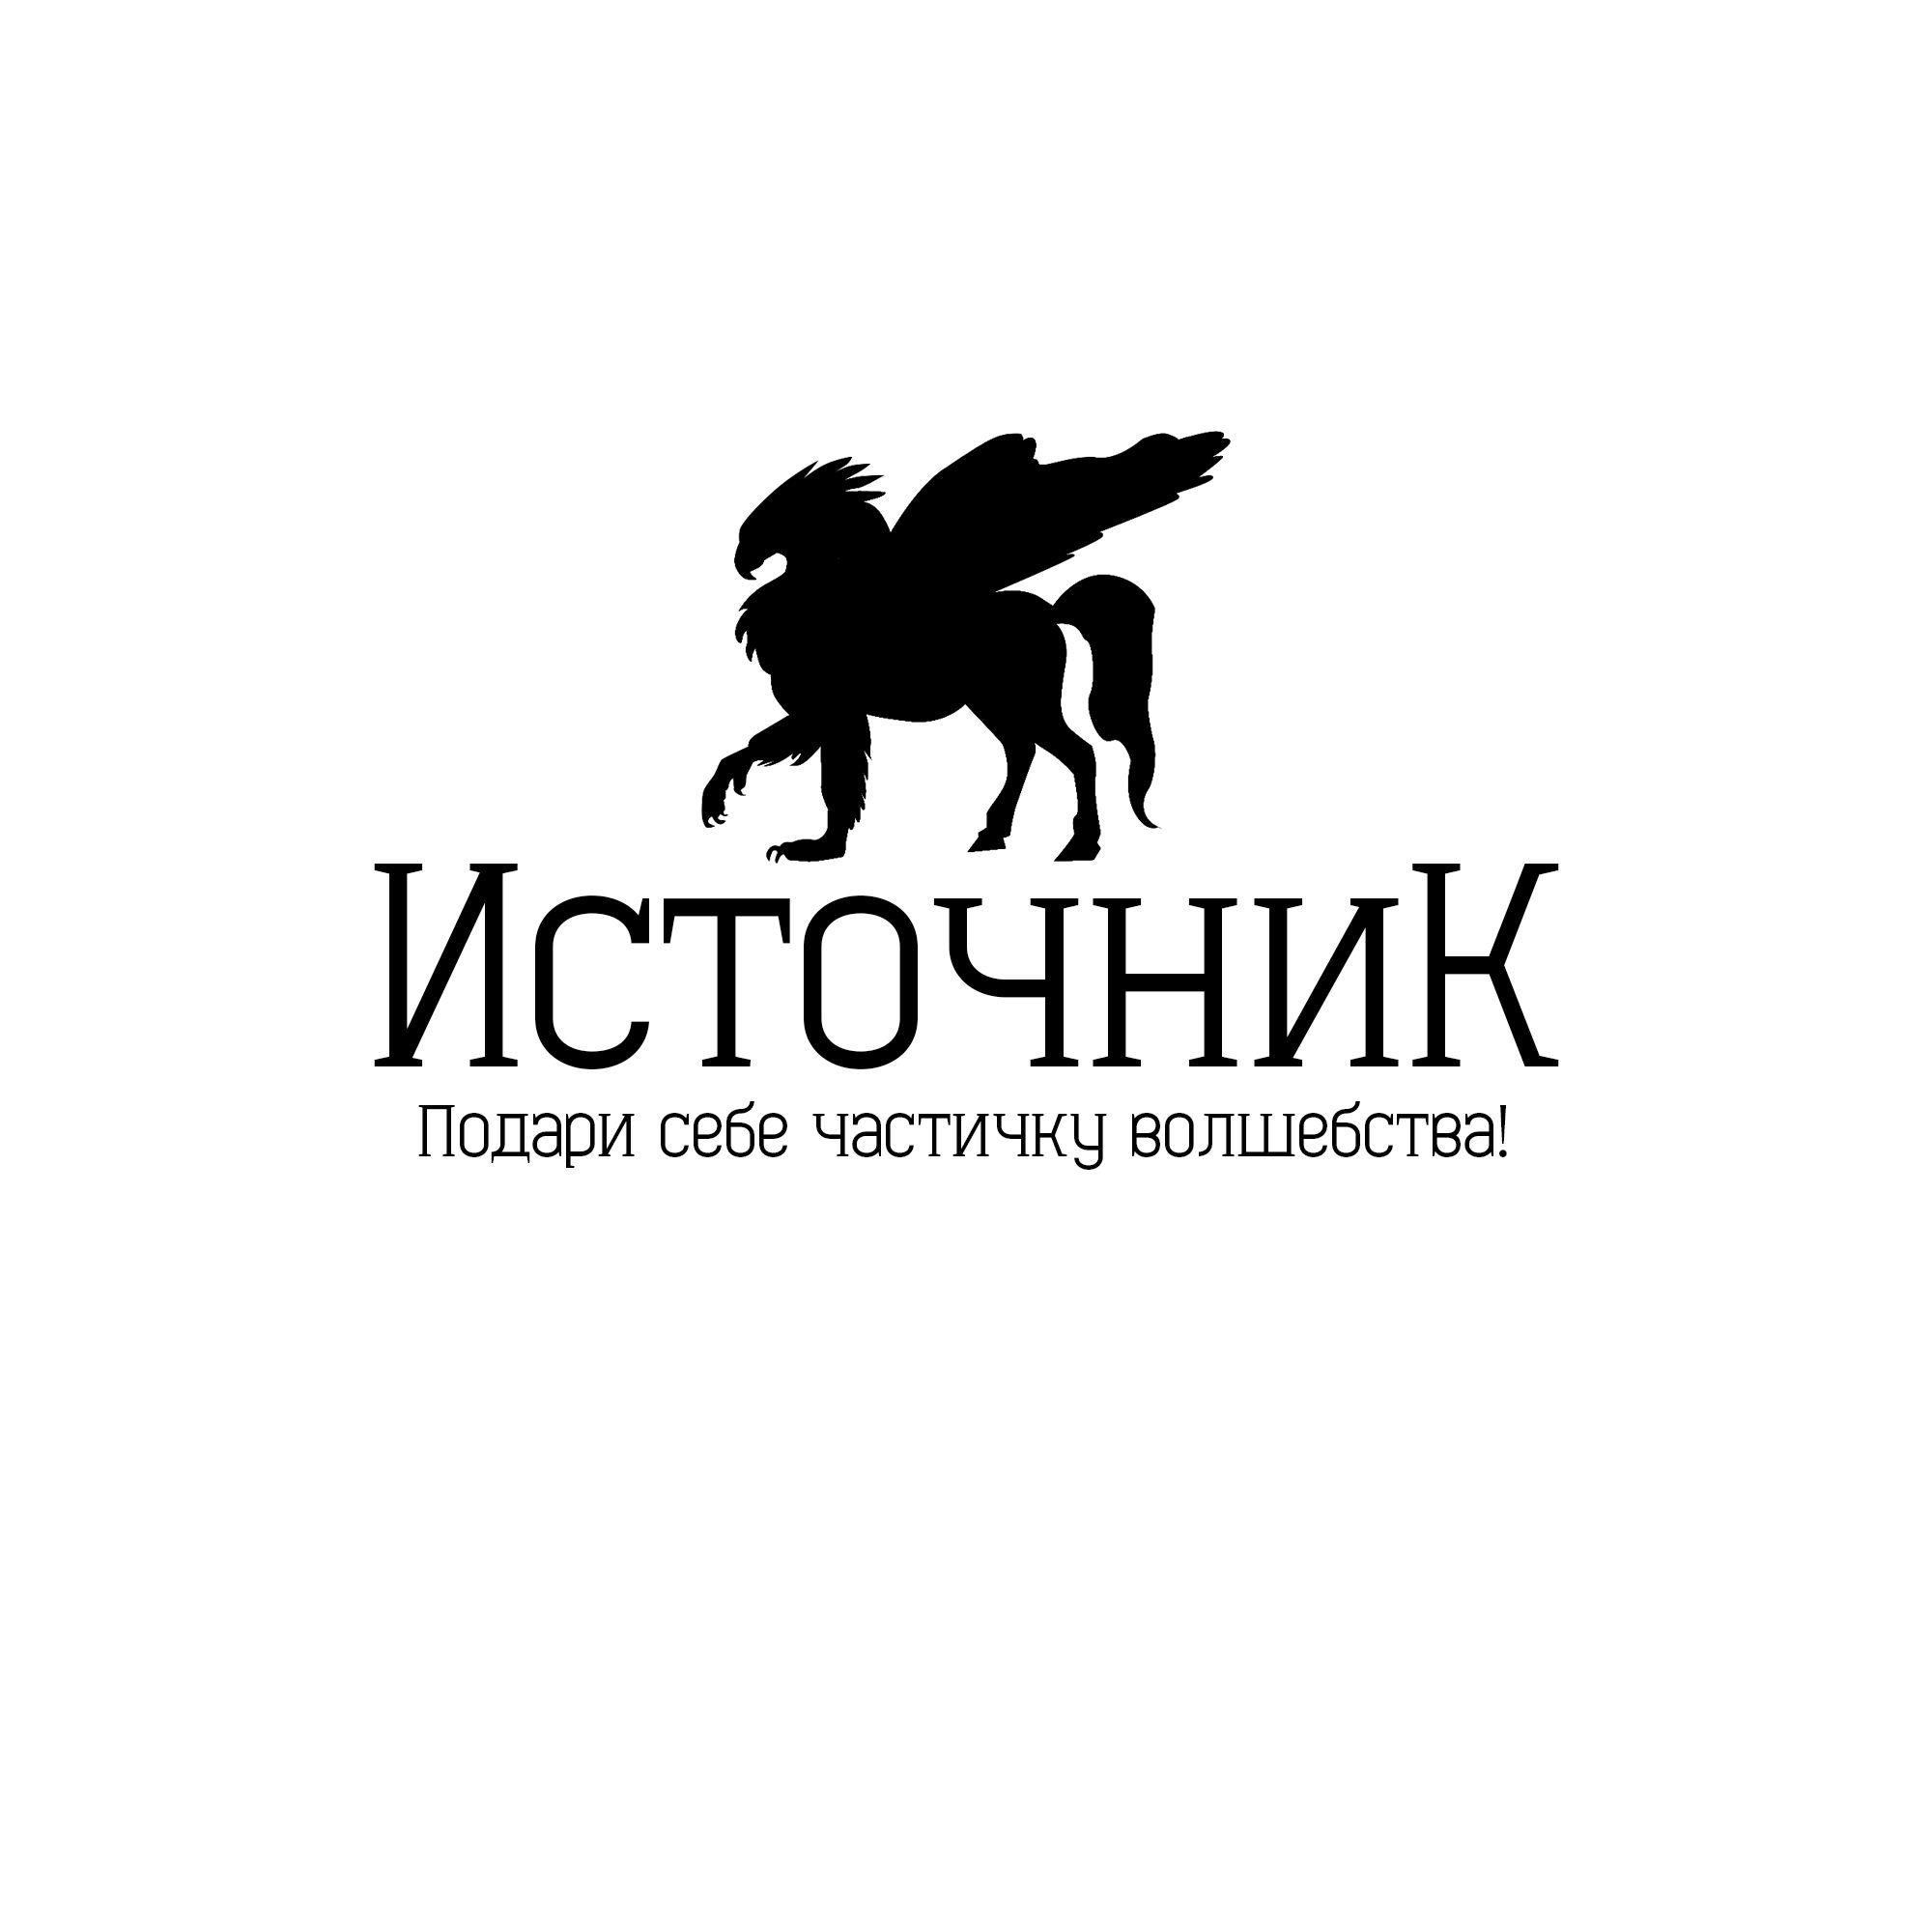 Логотип для магазина Украшений из Фильмов - дизайнер MariaBalash